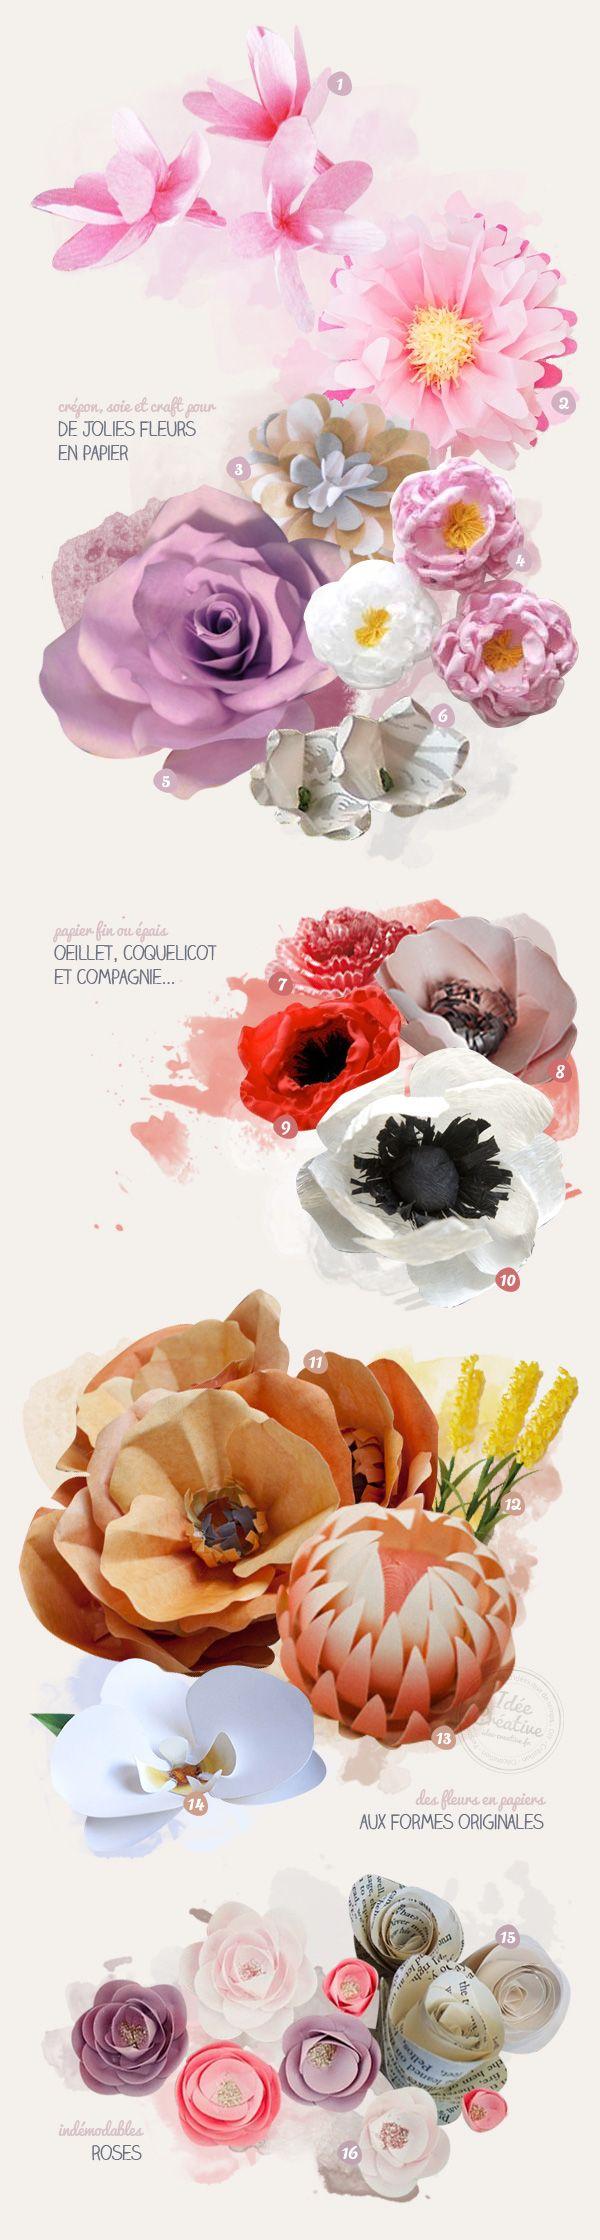 16 idées pour créer de jolies fleurs en papiers | Idée Créative